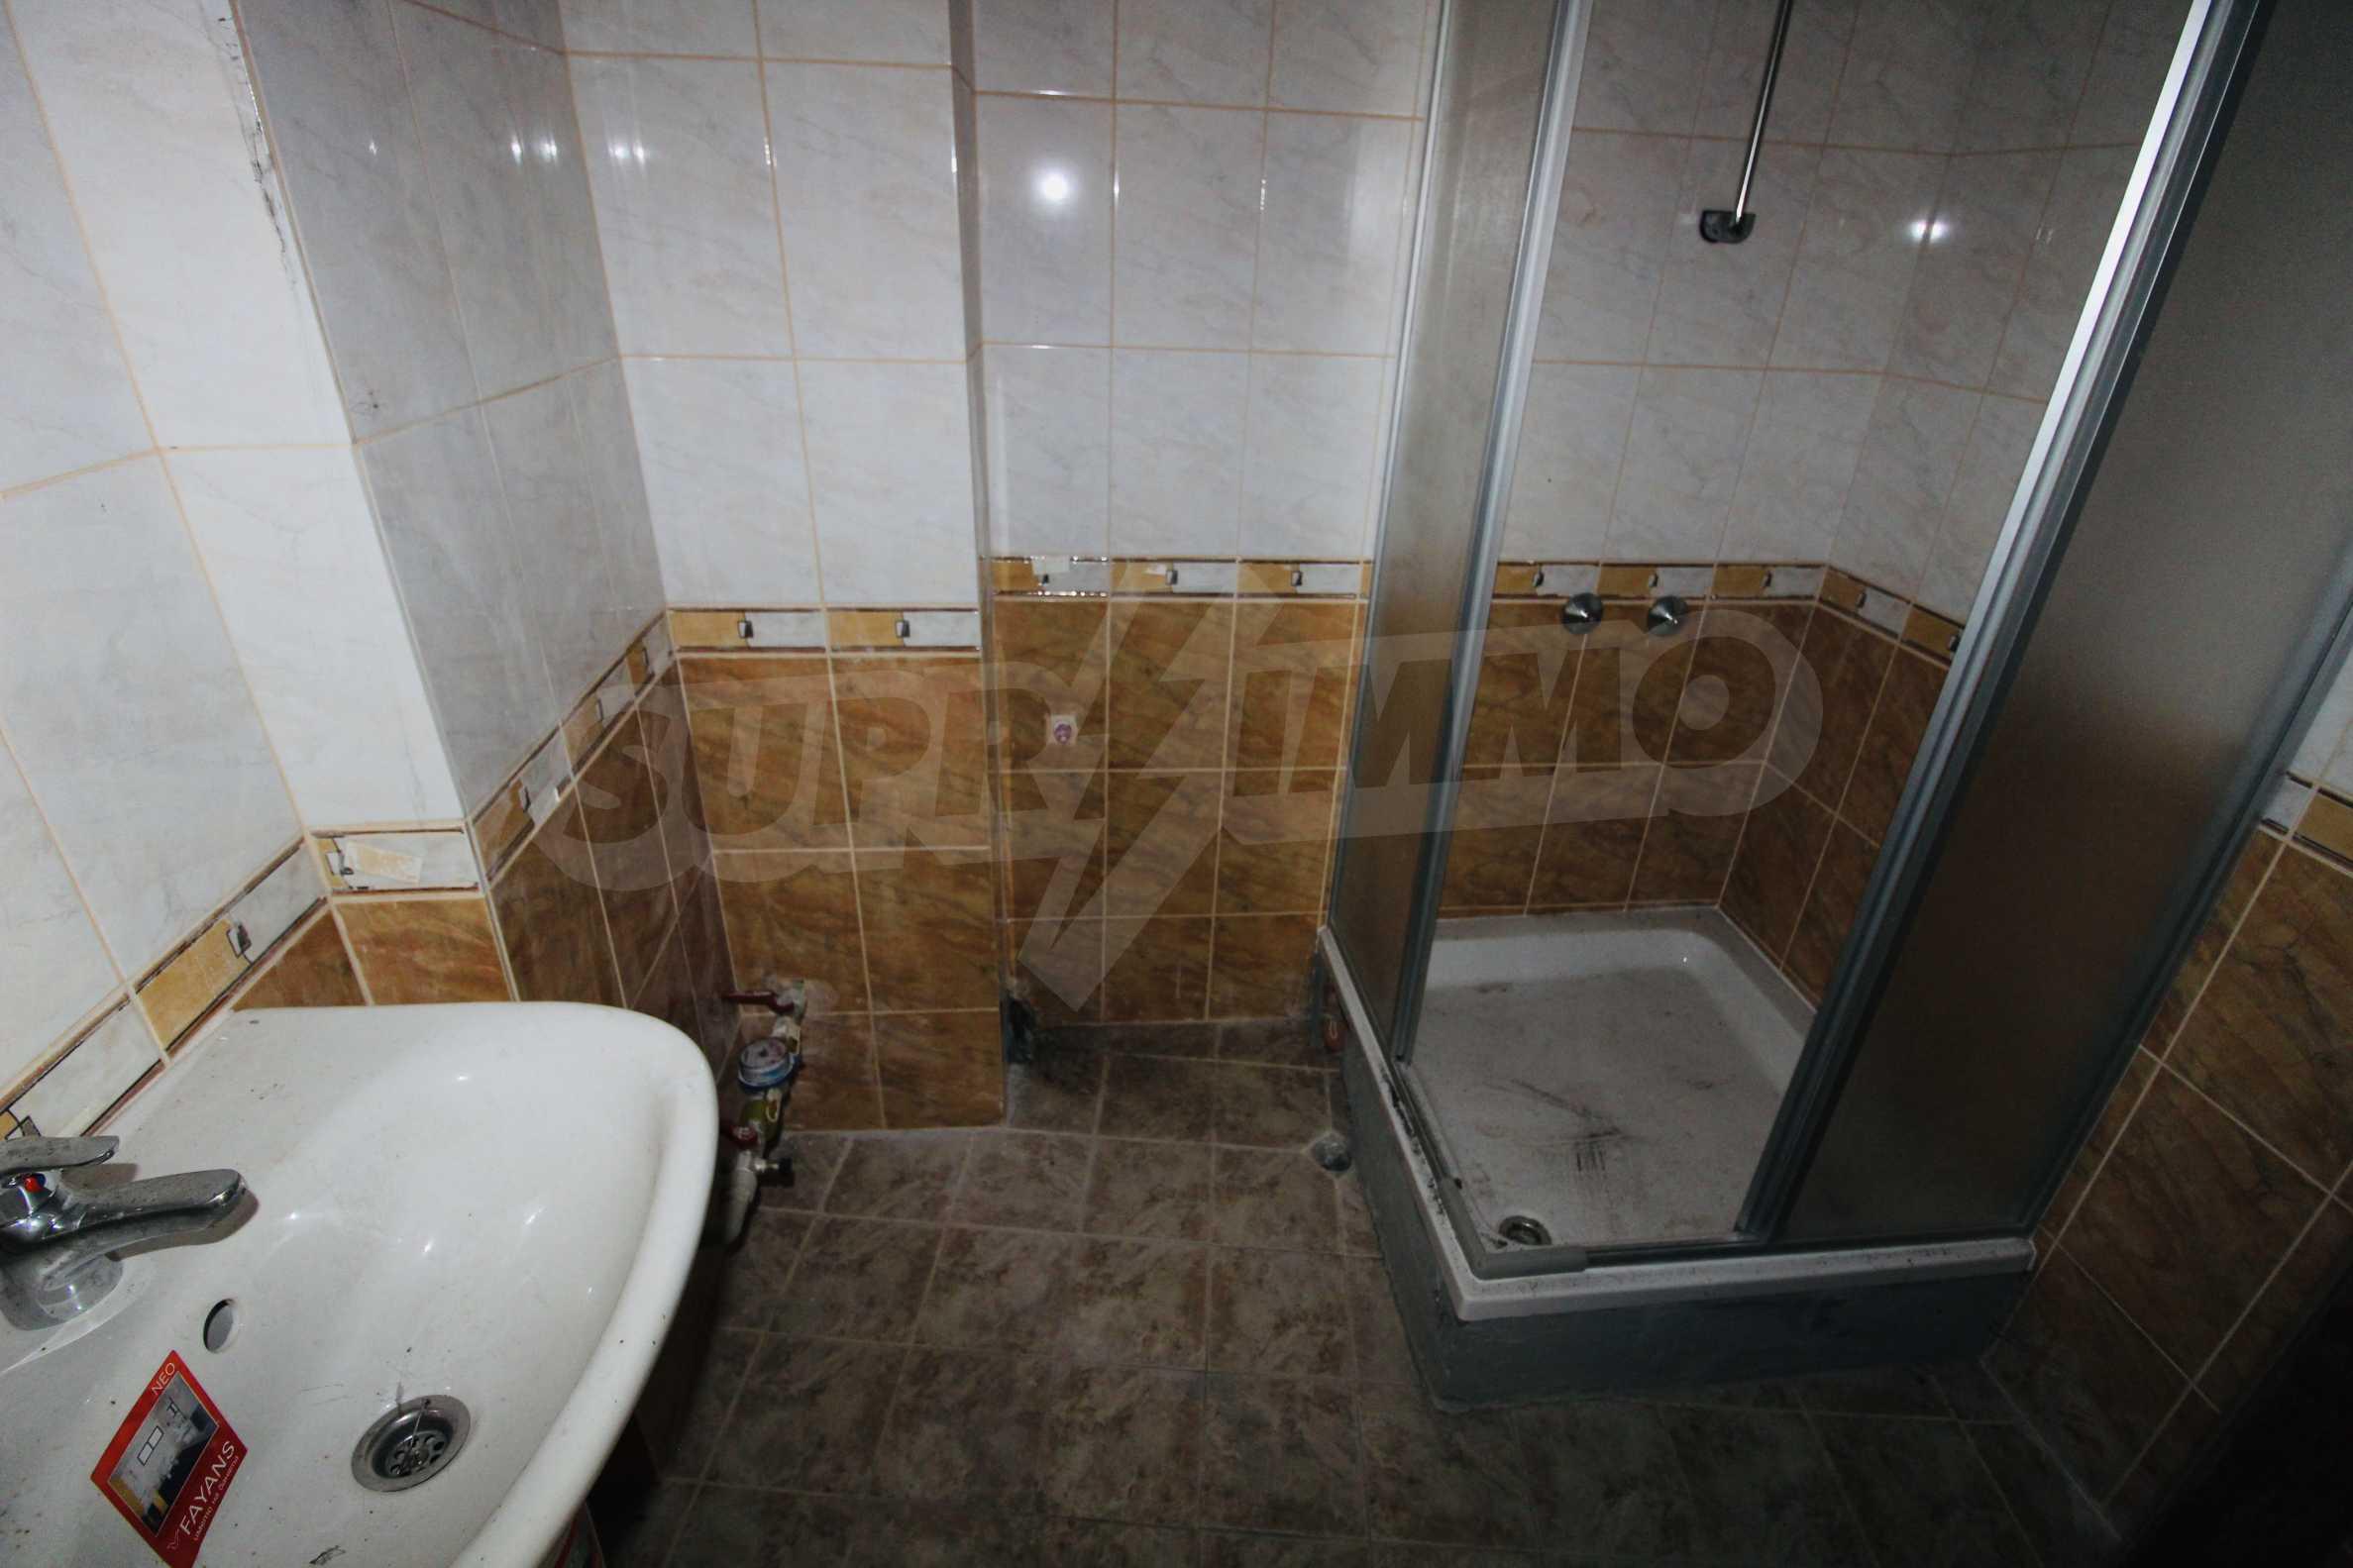 Zwei-Zimmer-Wohnung mit Parkplatz und Keller in der berühmten architektonischen Reserve Arbanassi 9